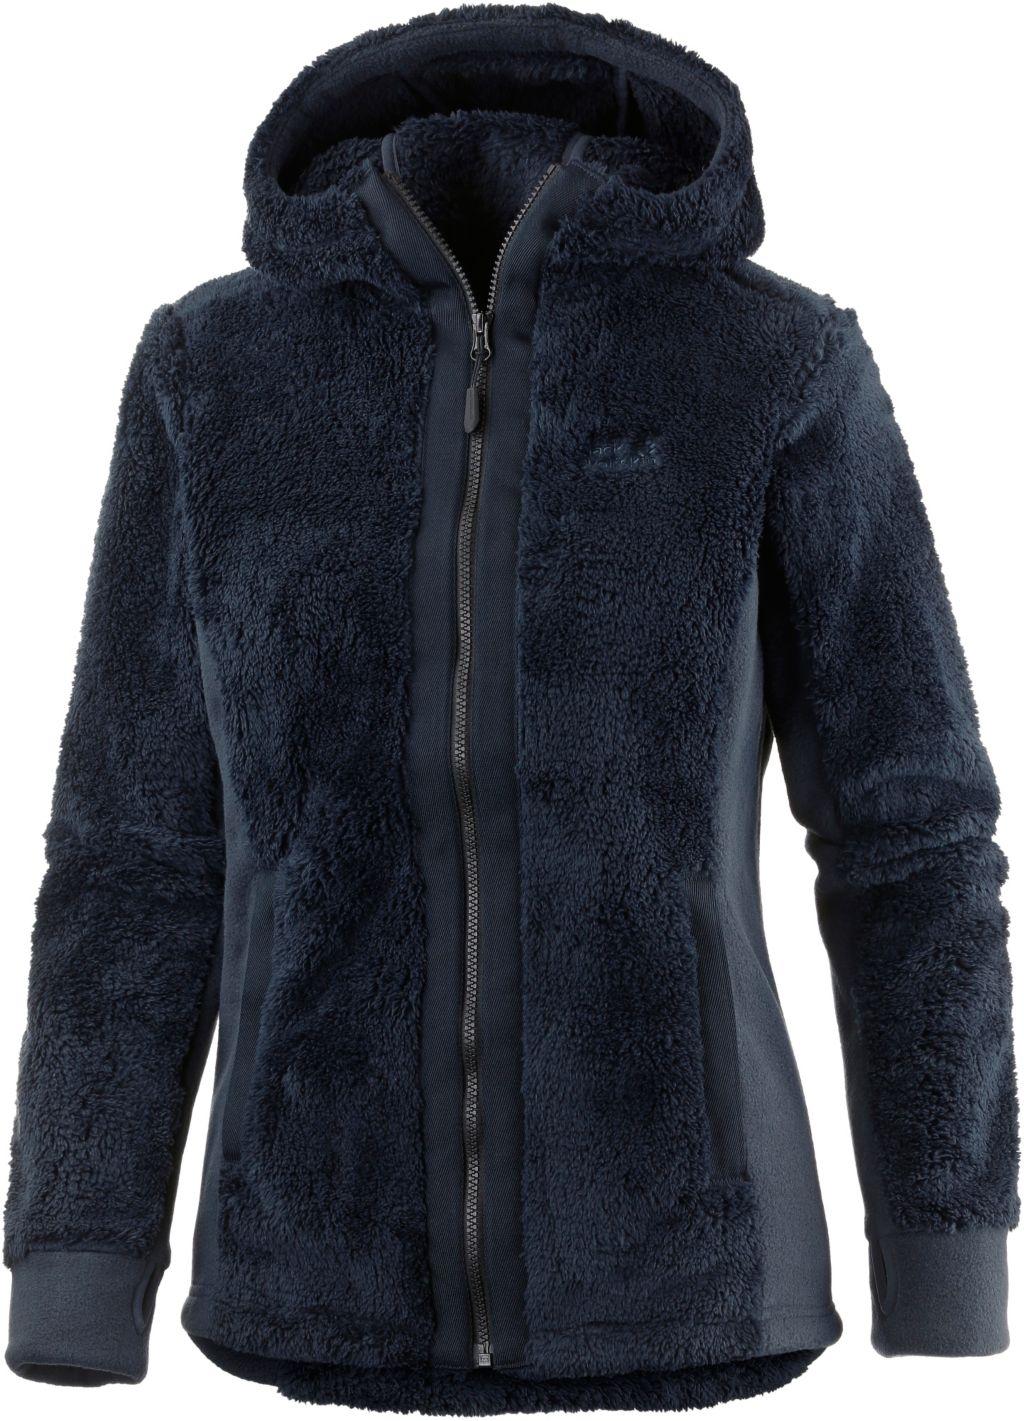 Polar Fleecejacke Damen in night blue, Größe: XS